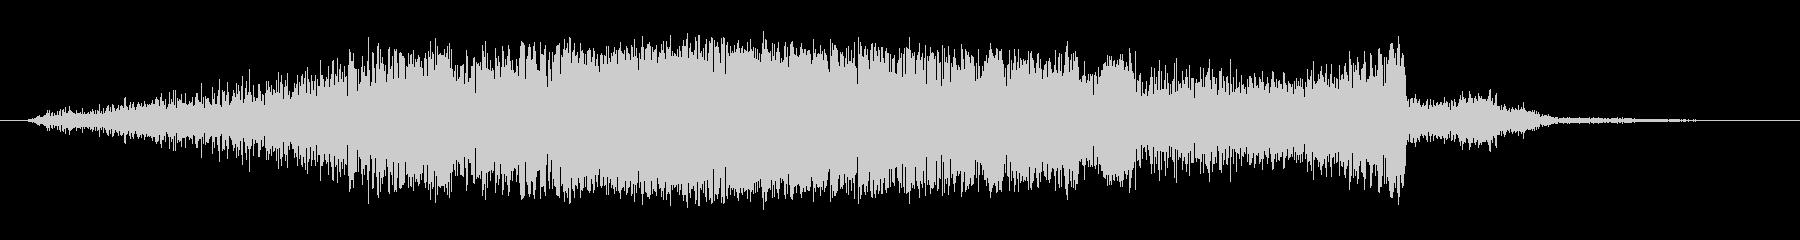 シャープホローノイズスイープ1の未再生の波形